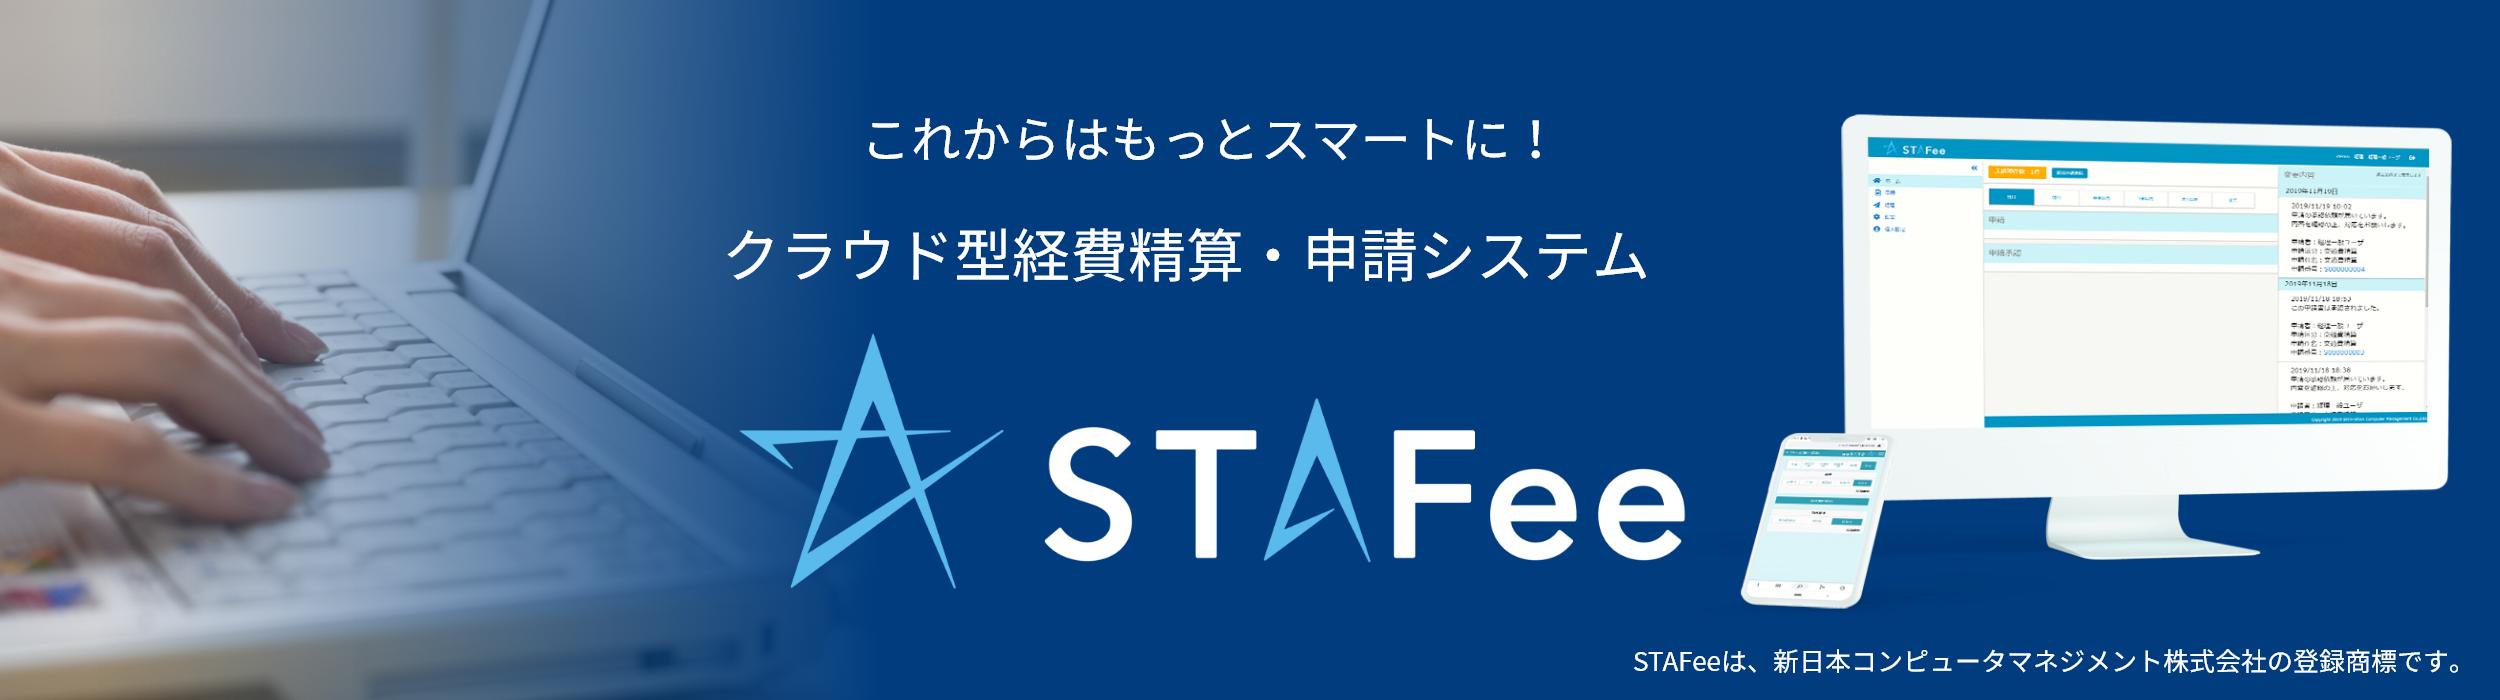 """クラウド型経費精算・申請システム「STAFee」スライド"""""""